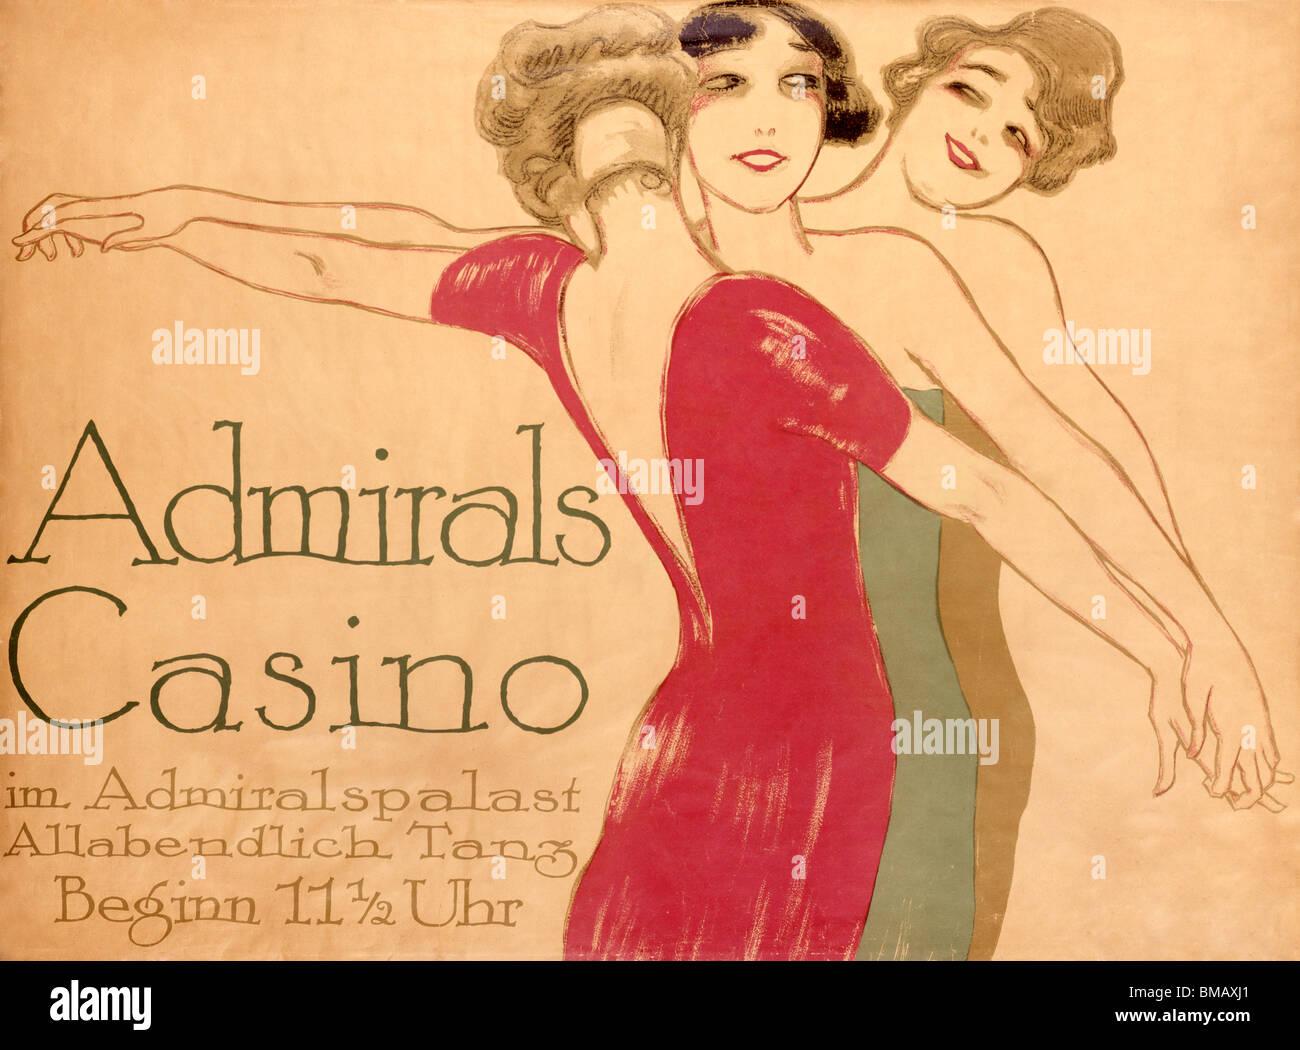 Les amiraux Casino, poster par Hollerbaum & Schmidt. Allemagne, 20e siècle Photo Stock